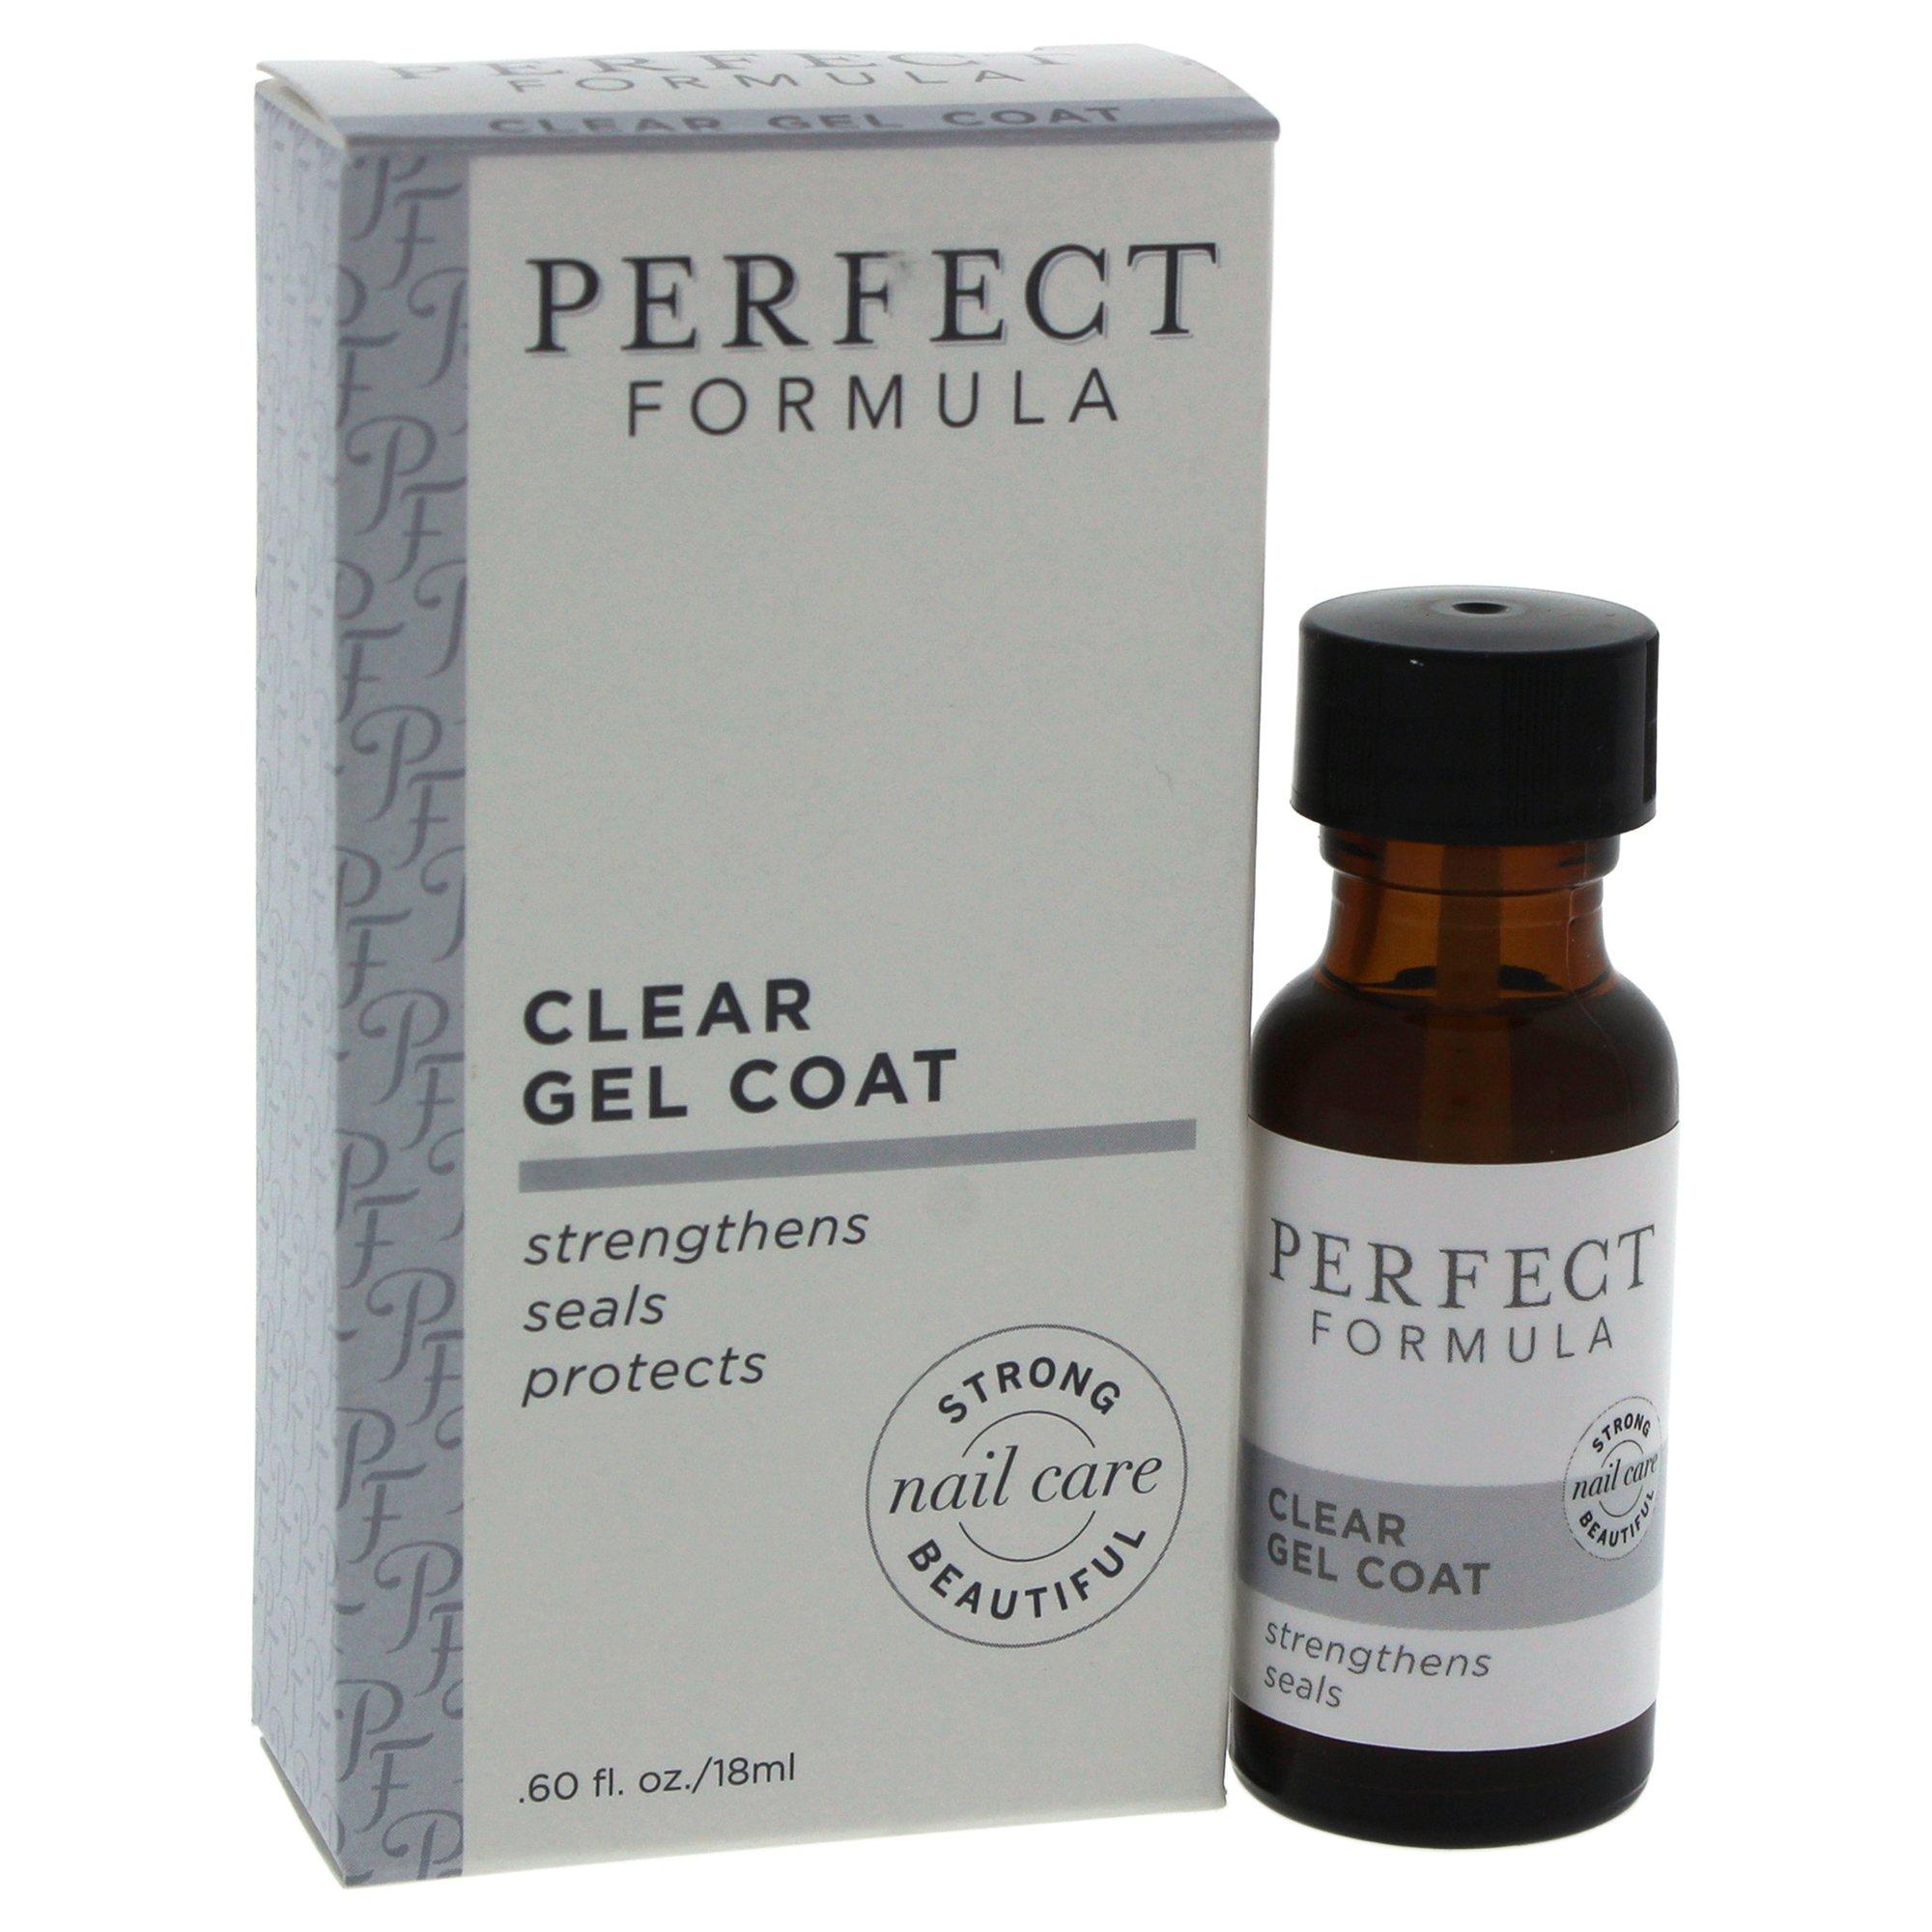 Perfect Formula Gel Coat, 0.6 Fl. oz.